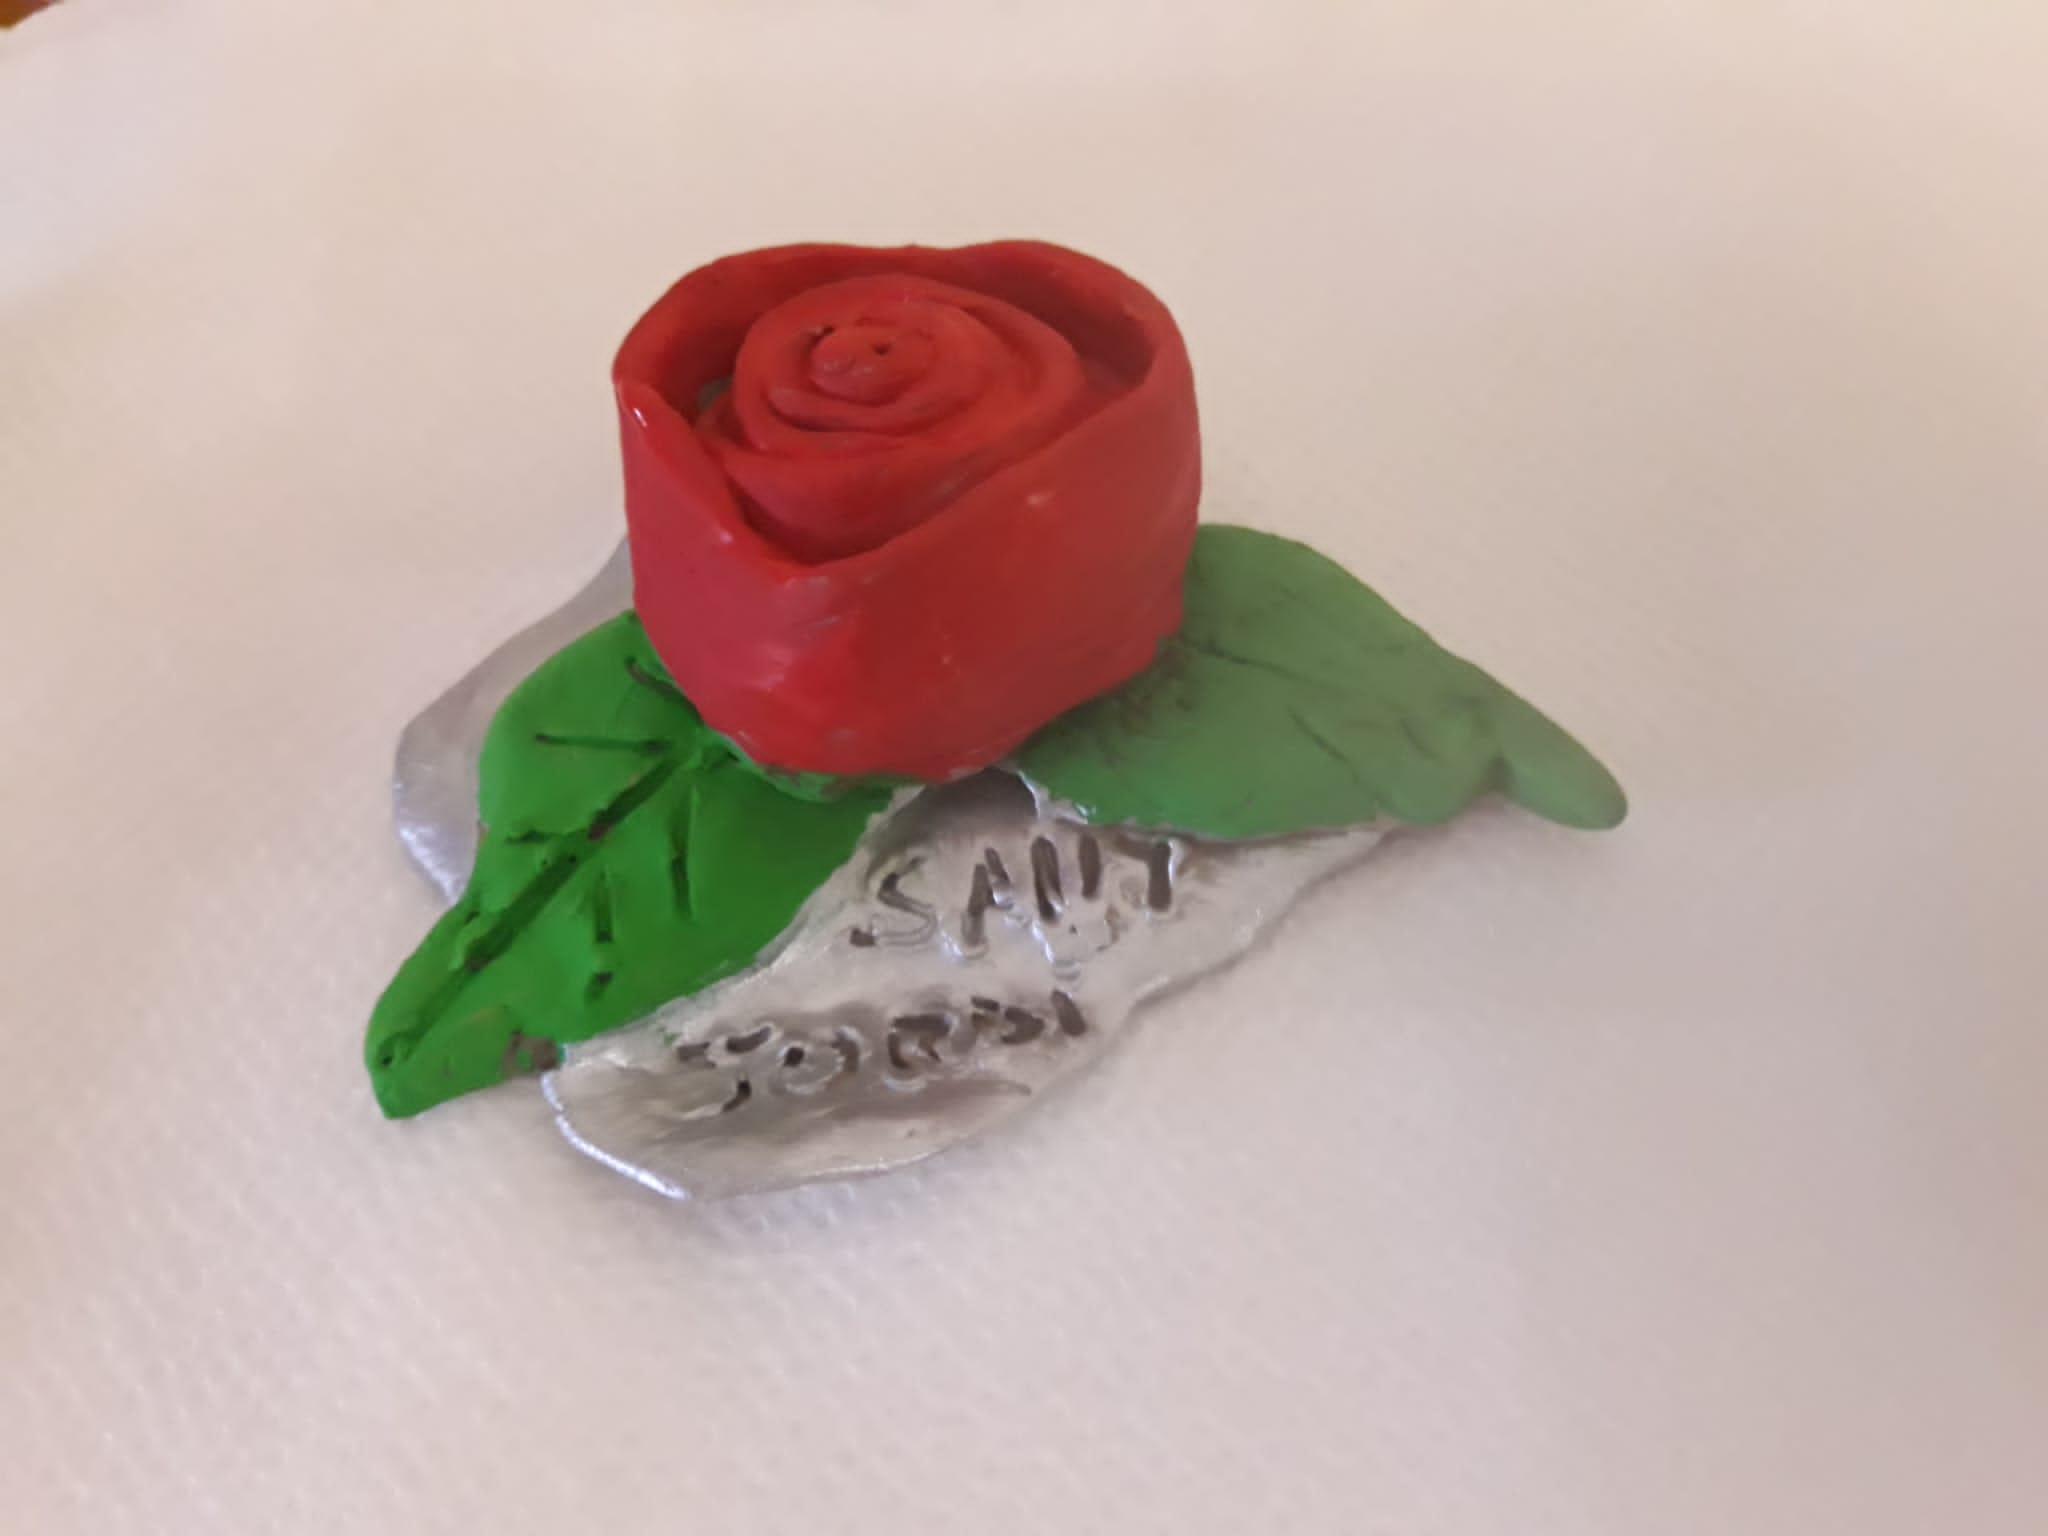 Preparant roses per Sant Jordi